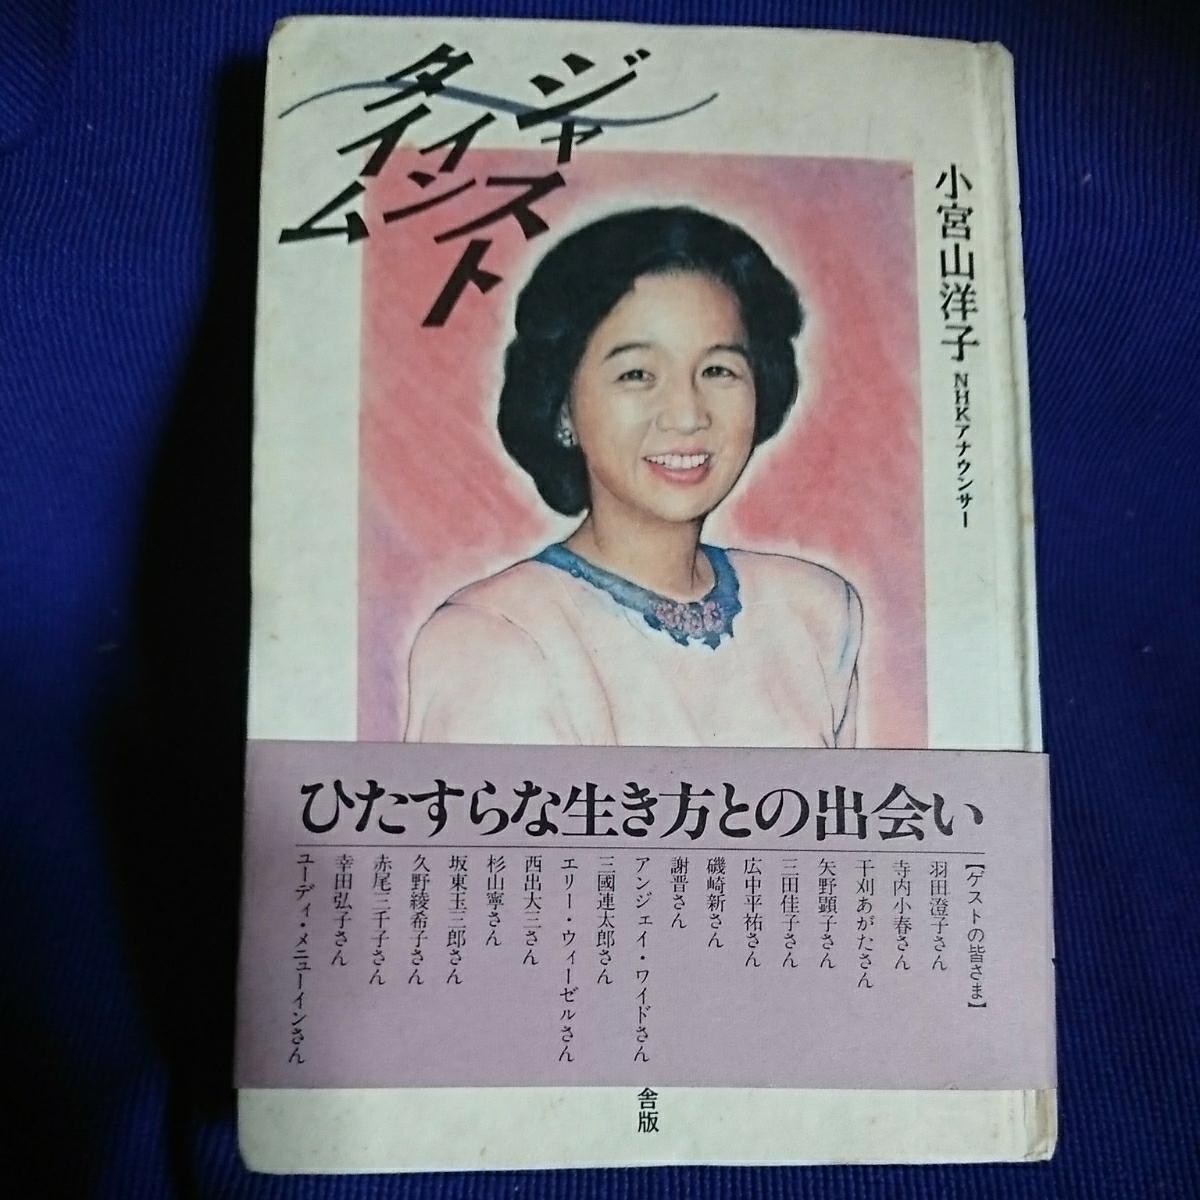 小宮山洋子、自筆サイン入り、ジャスト イン タイム